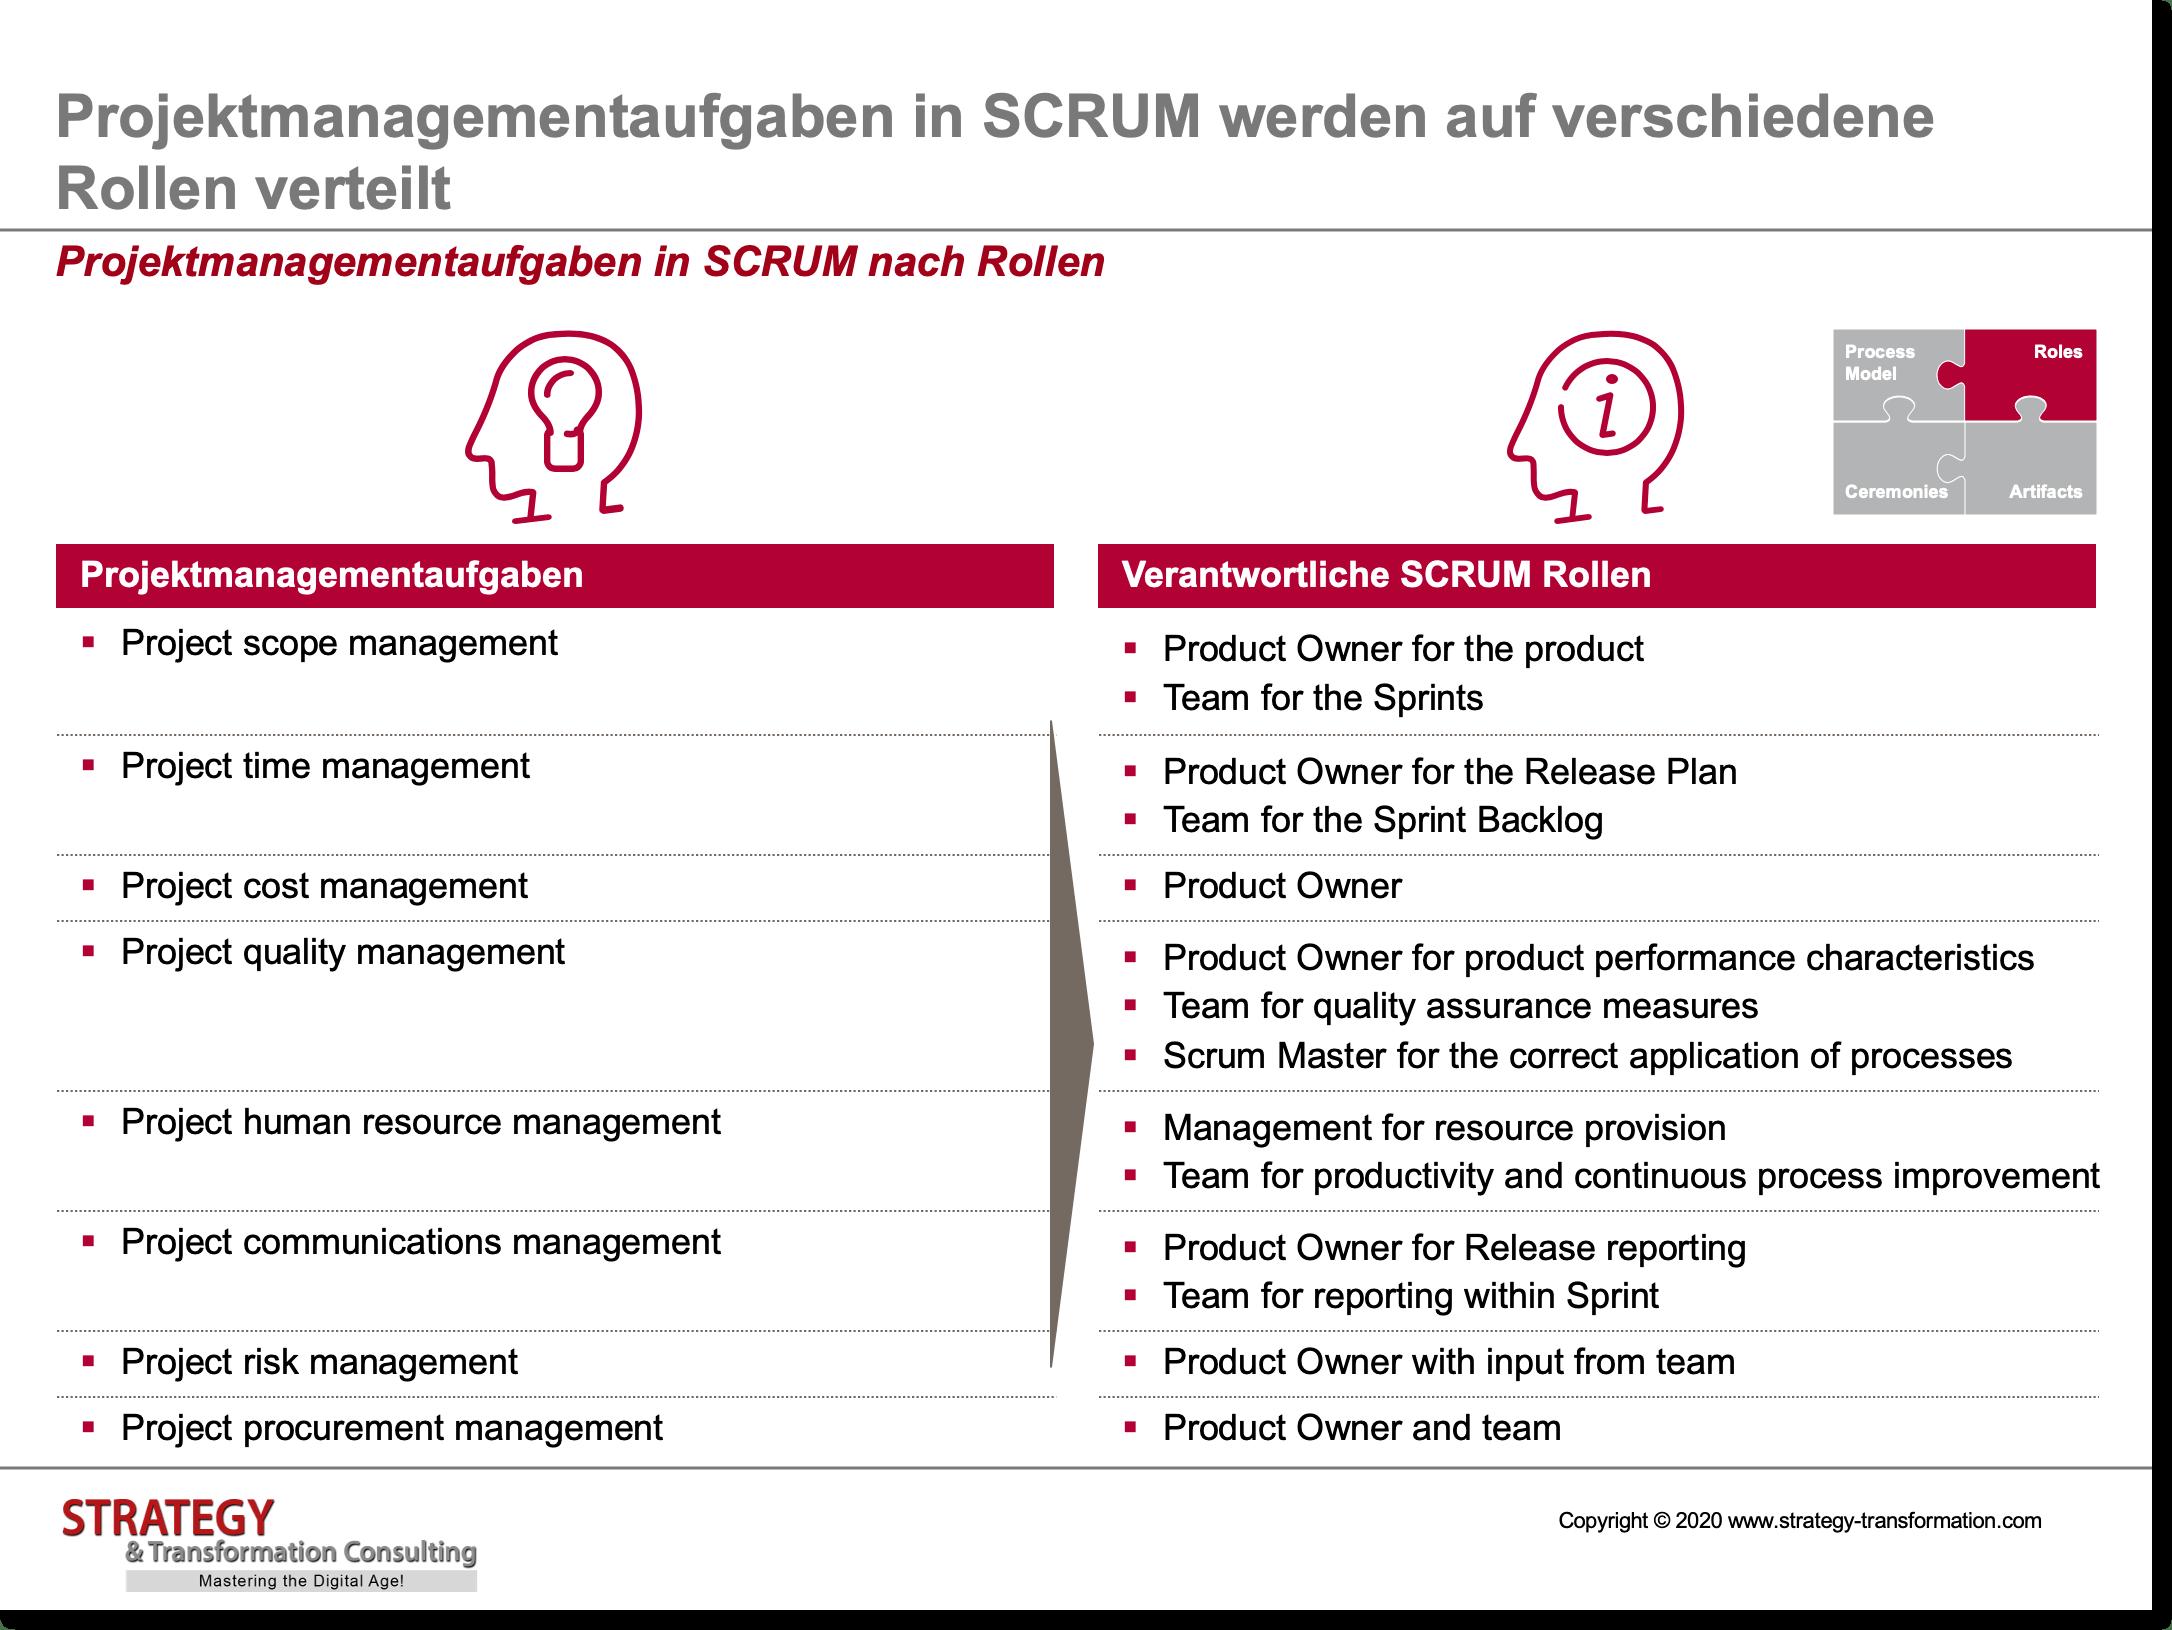 Projektmanagementaufgaben in SCRUM nach Rollen